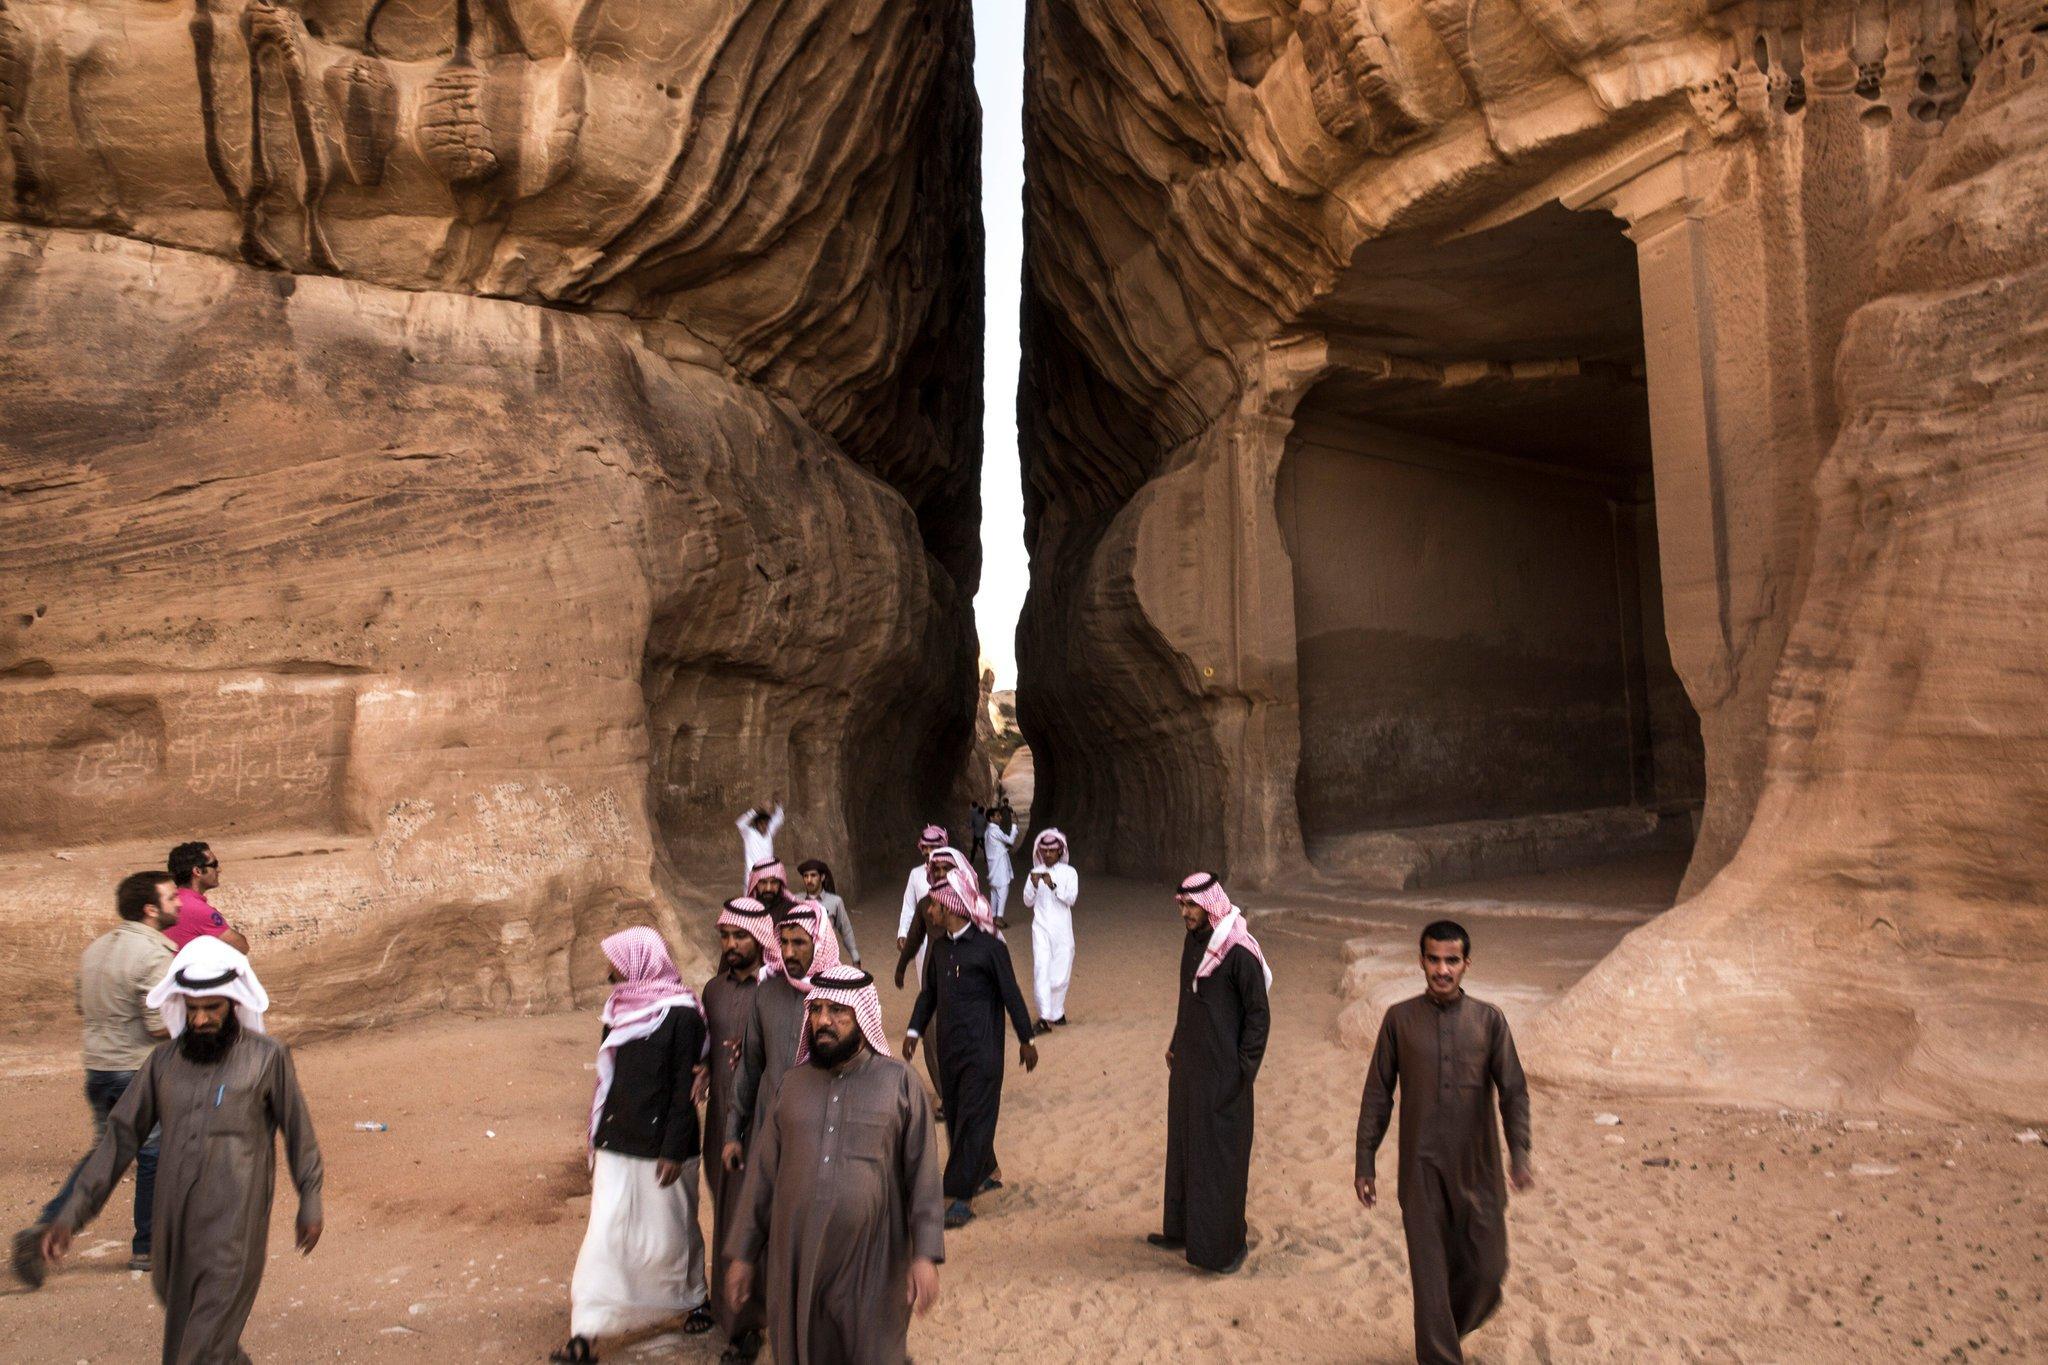 доисламские арабы строили подземные города